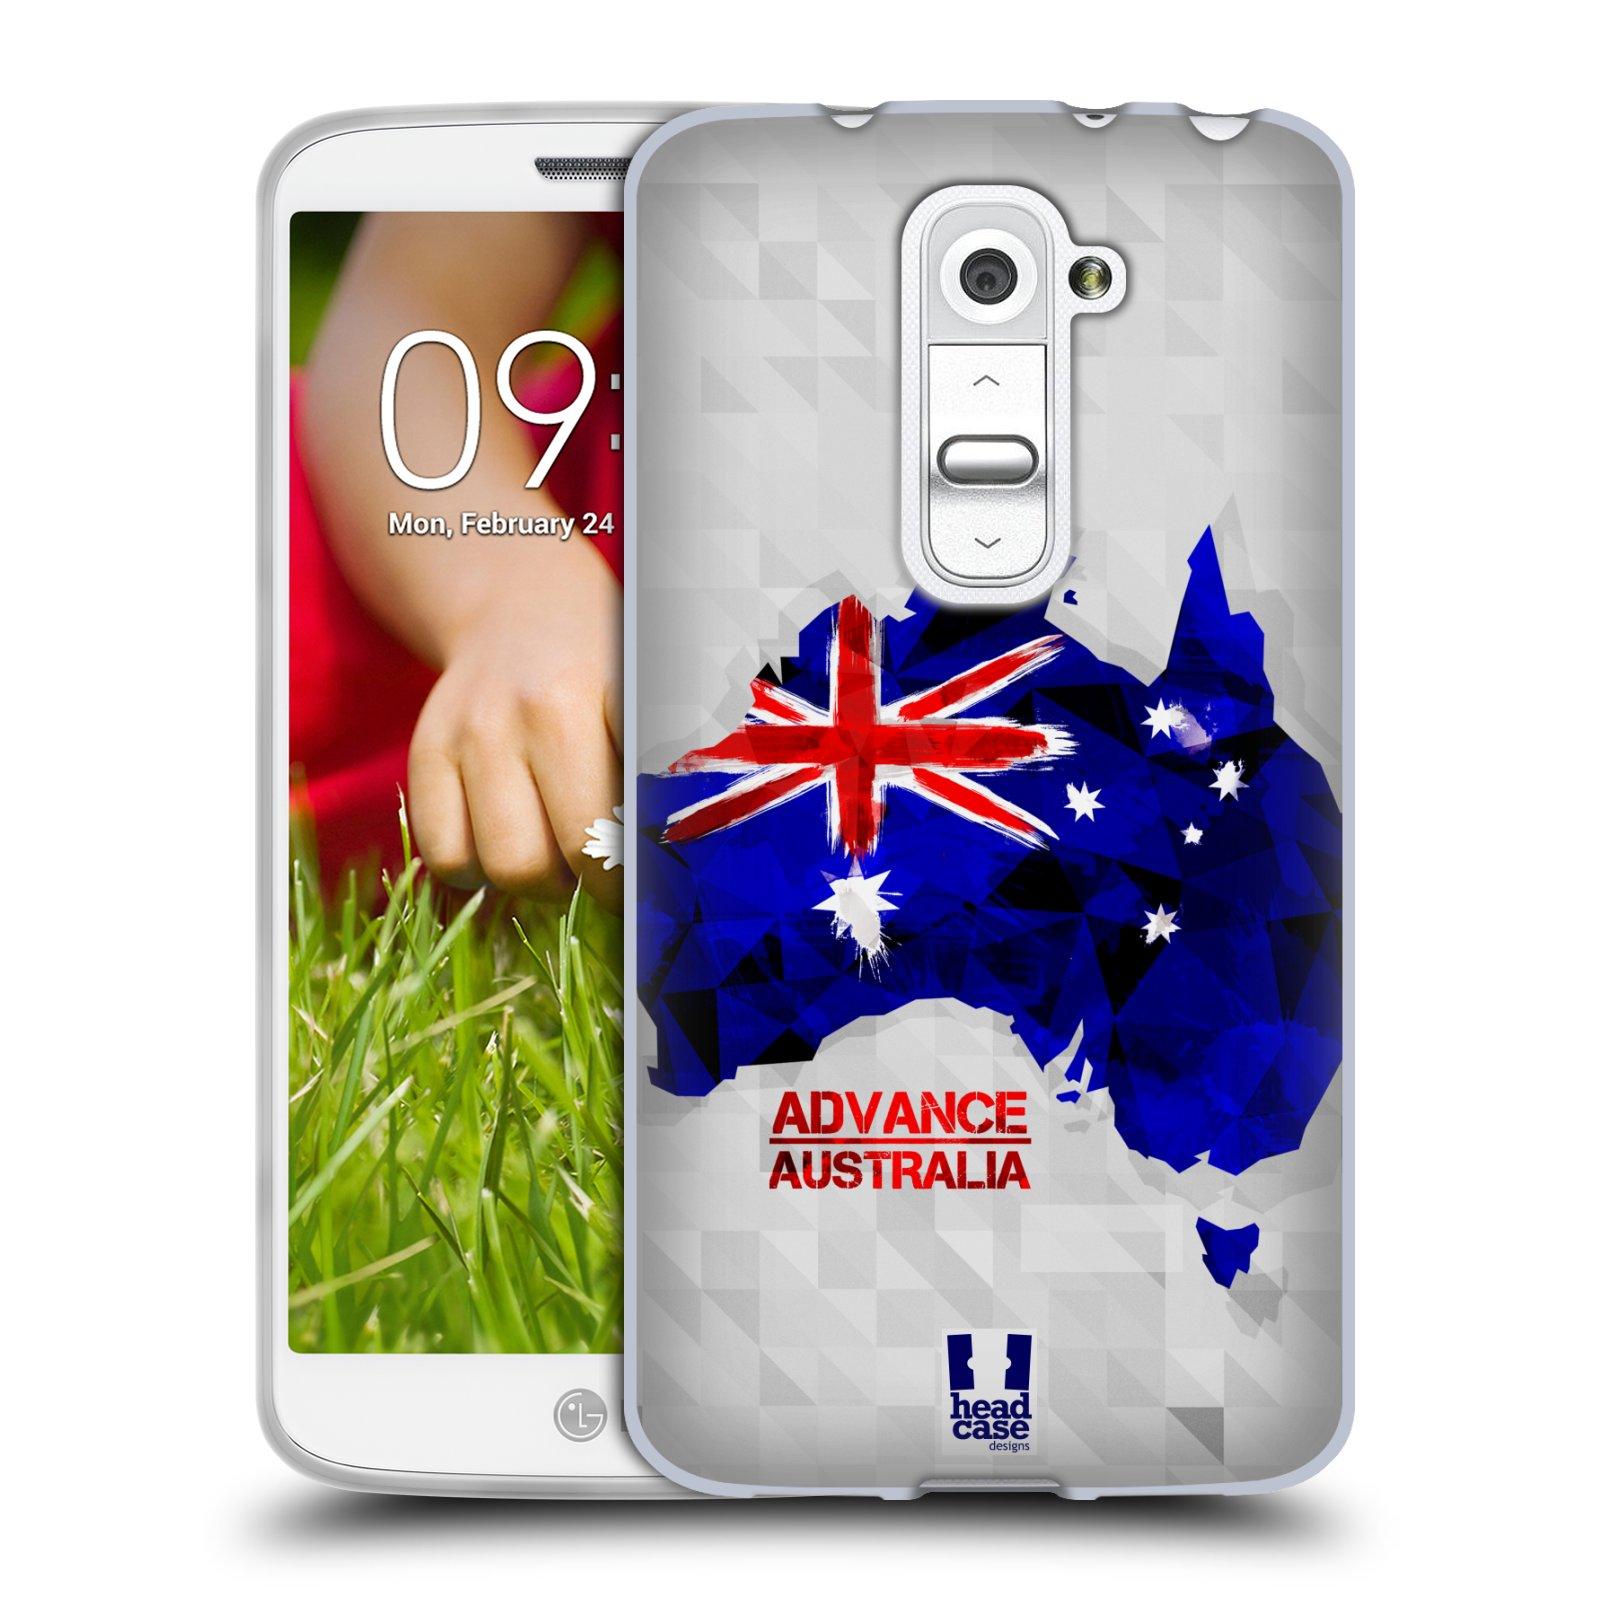 Silikonové pouzdro na mobil LG G2 Mini HEAD CASE GEOMAPA AUSTRÁLIE (Silikonový kryt či obal na mobilní telefon LG G2 Mini D620)